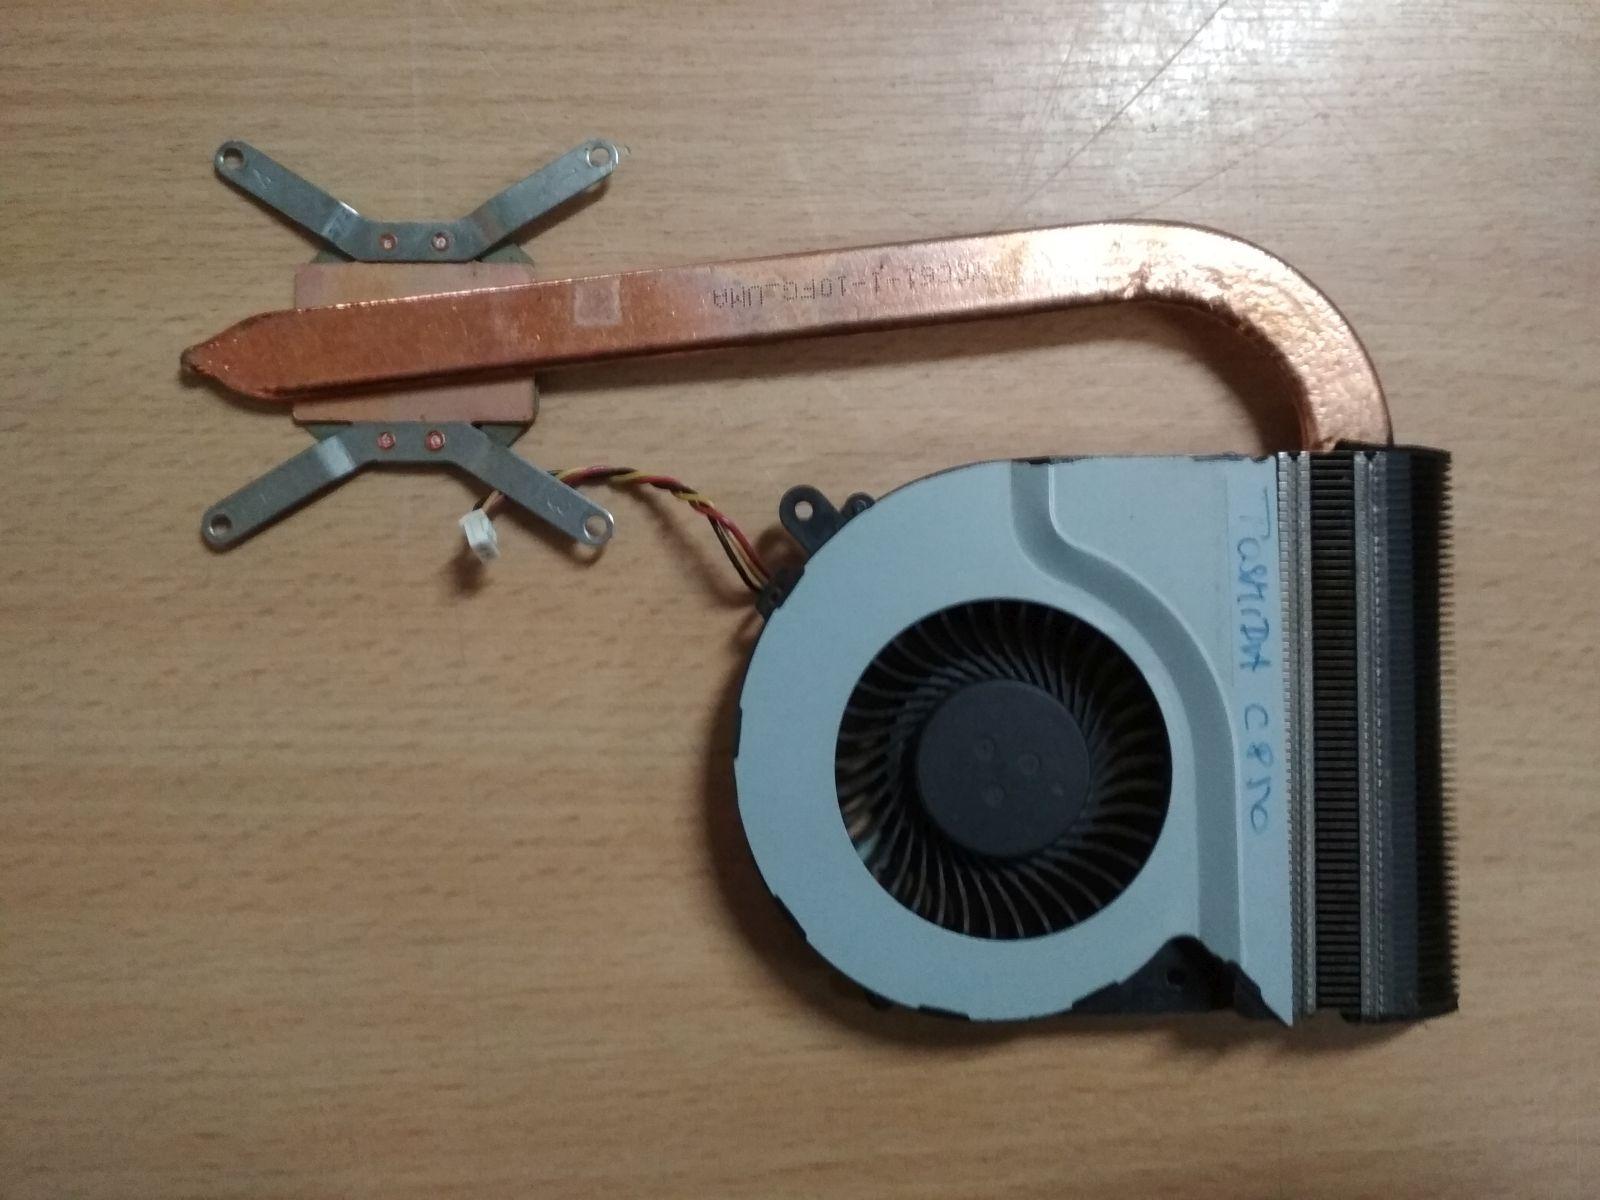 Toshiba Satellite C870 L870 C875 L875D ventilátor és hőcső 13N0-ZWA0G02 H000050260 használt 1 hónap gar!